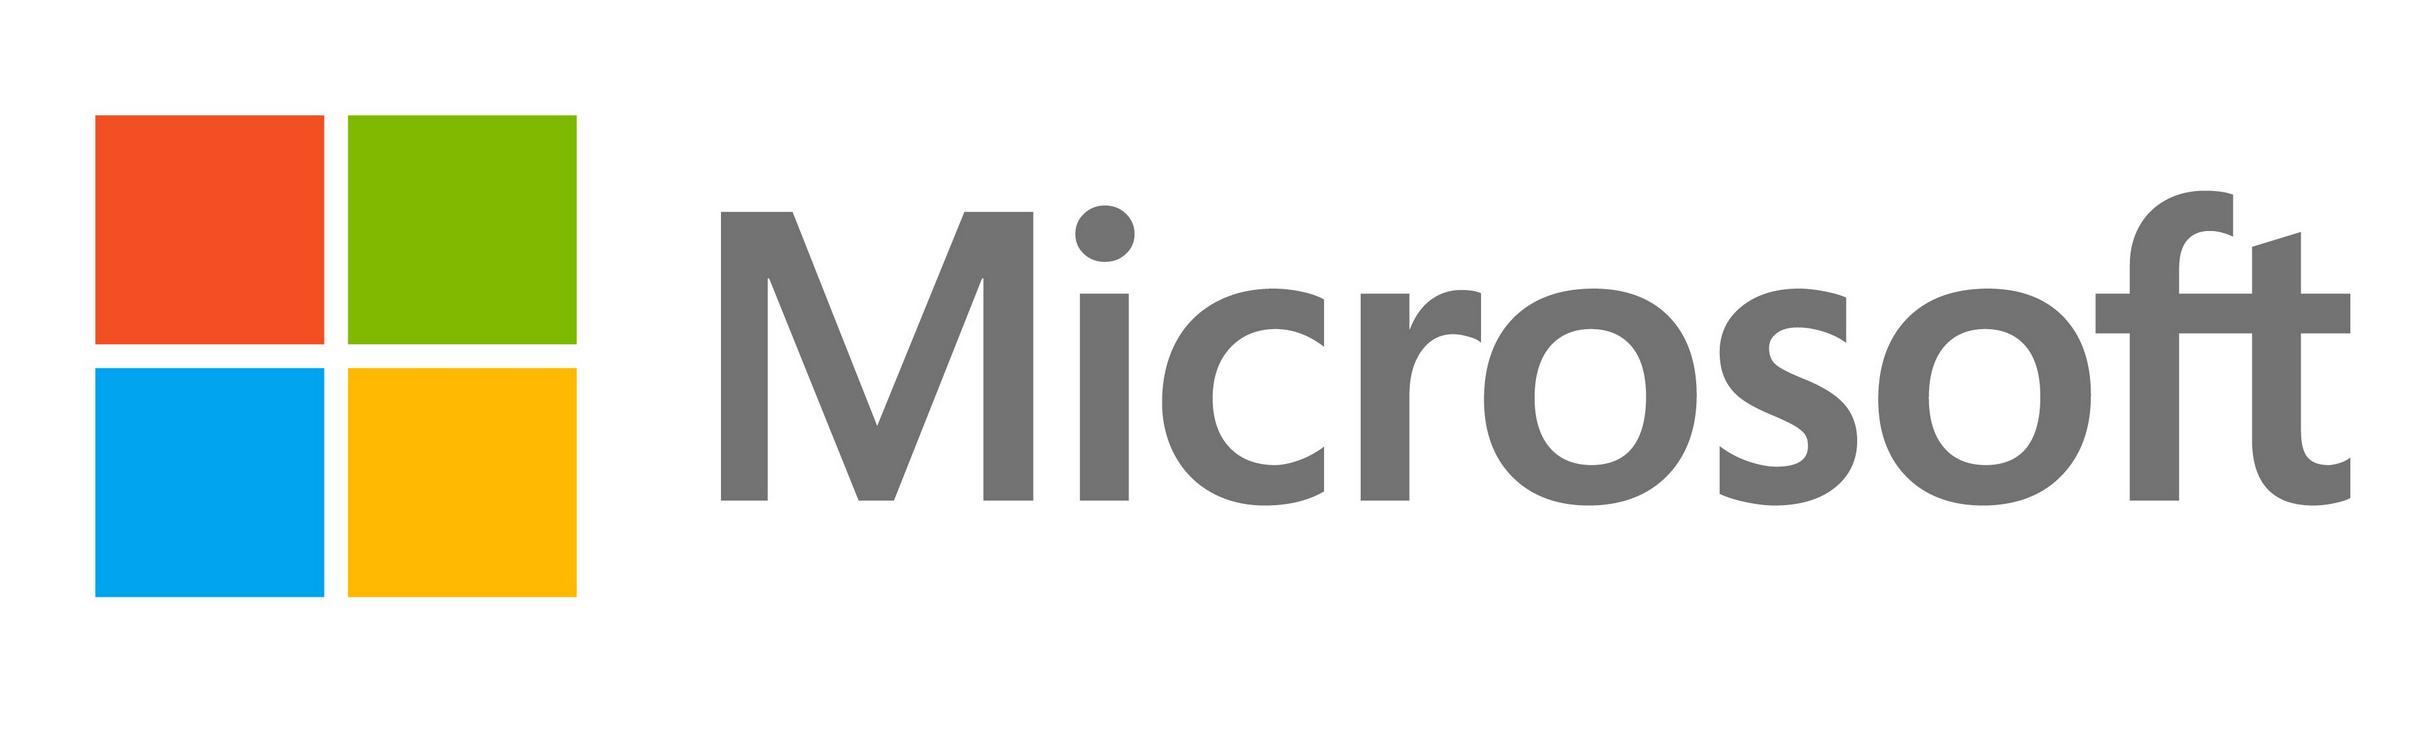 Code promo Microsoft : 20€ de réduction à partir de 100€ d'achat en payant avec Paypal